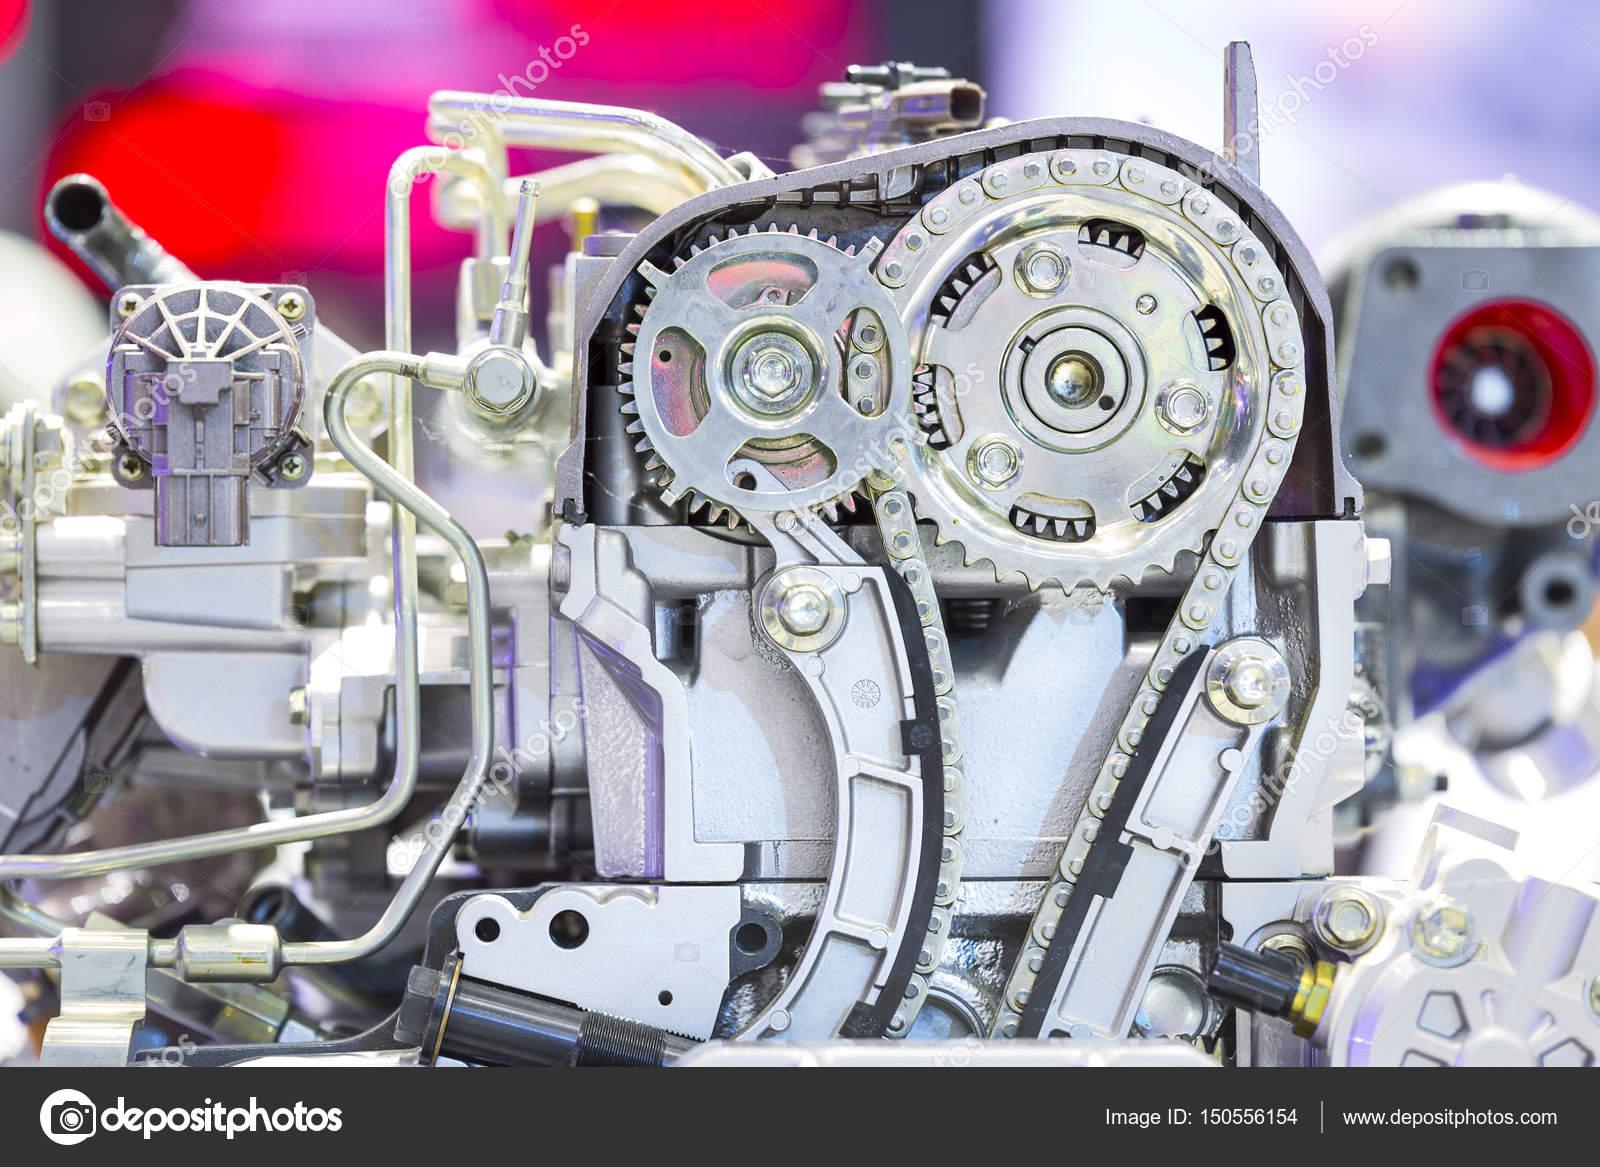 Das Auto Motor Nahaufnahme, Teil der Automotor — Stockfoto ...